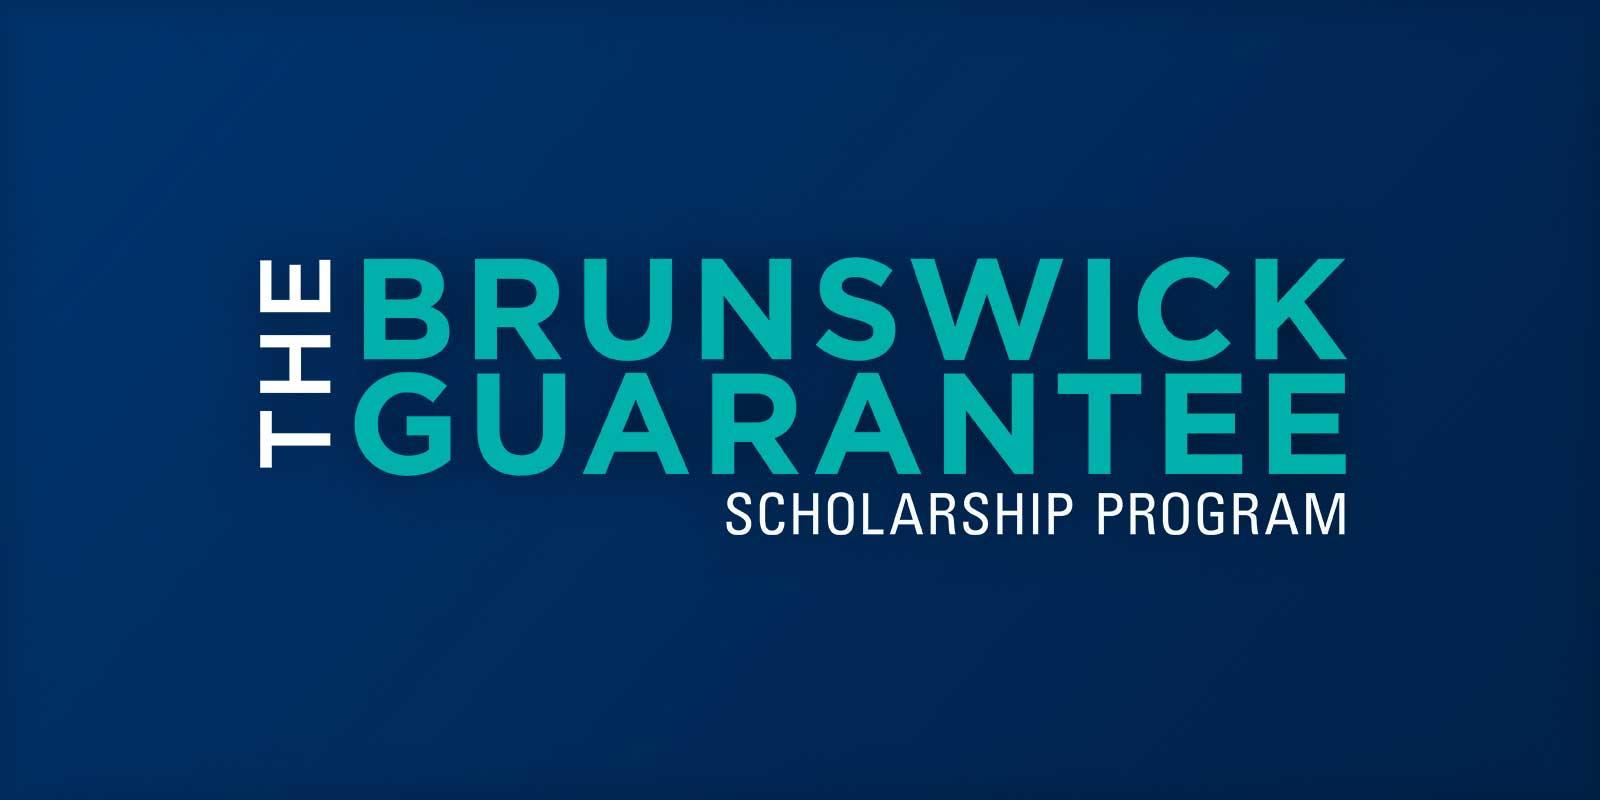 brunswick-guarantee